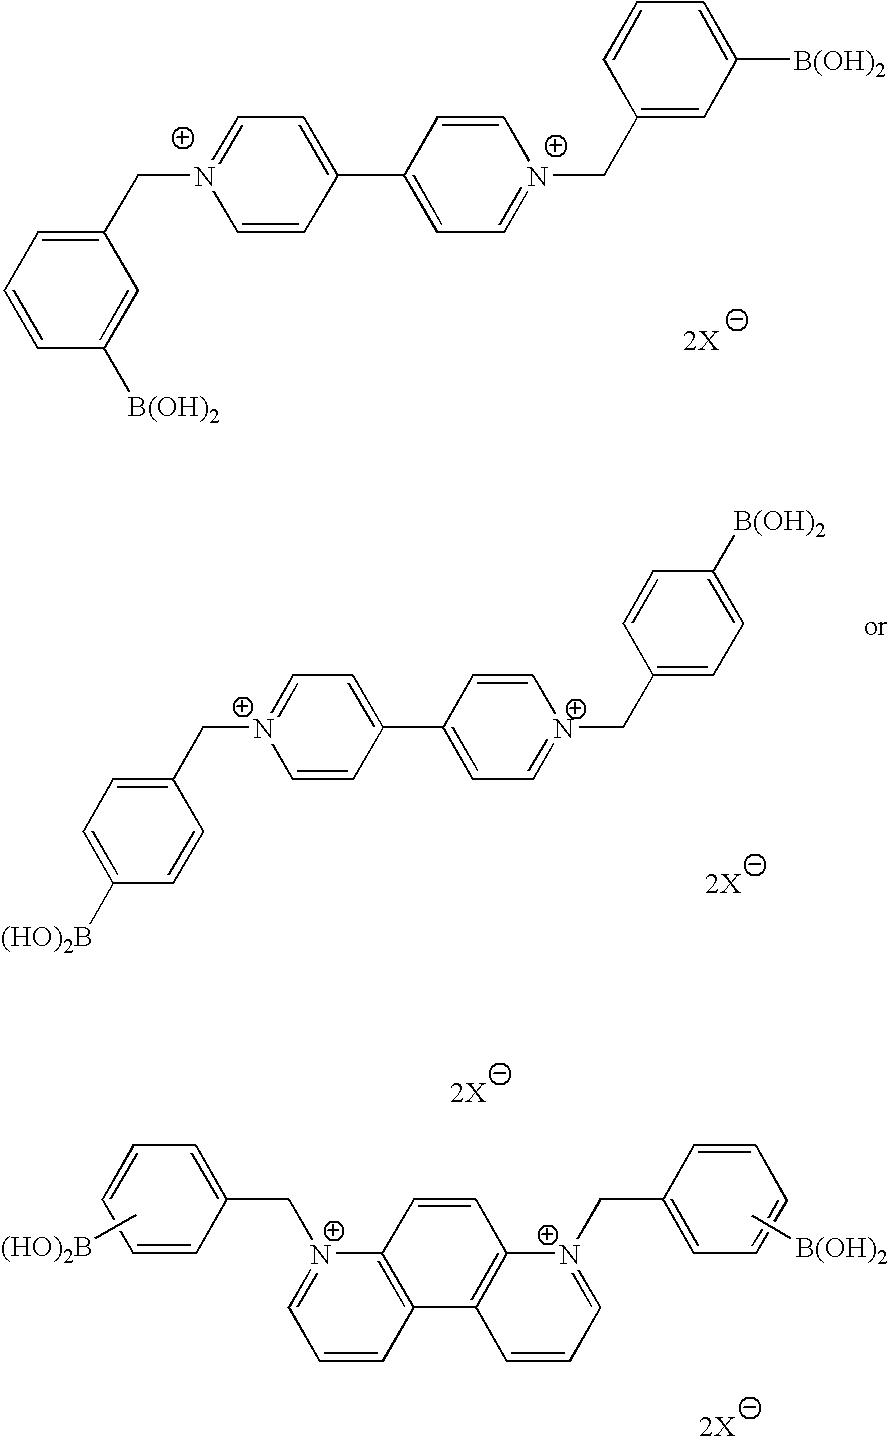 Figure US20040028612A1-20040212-C00047